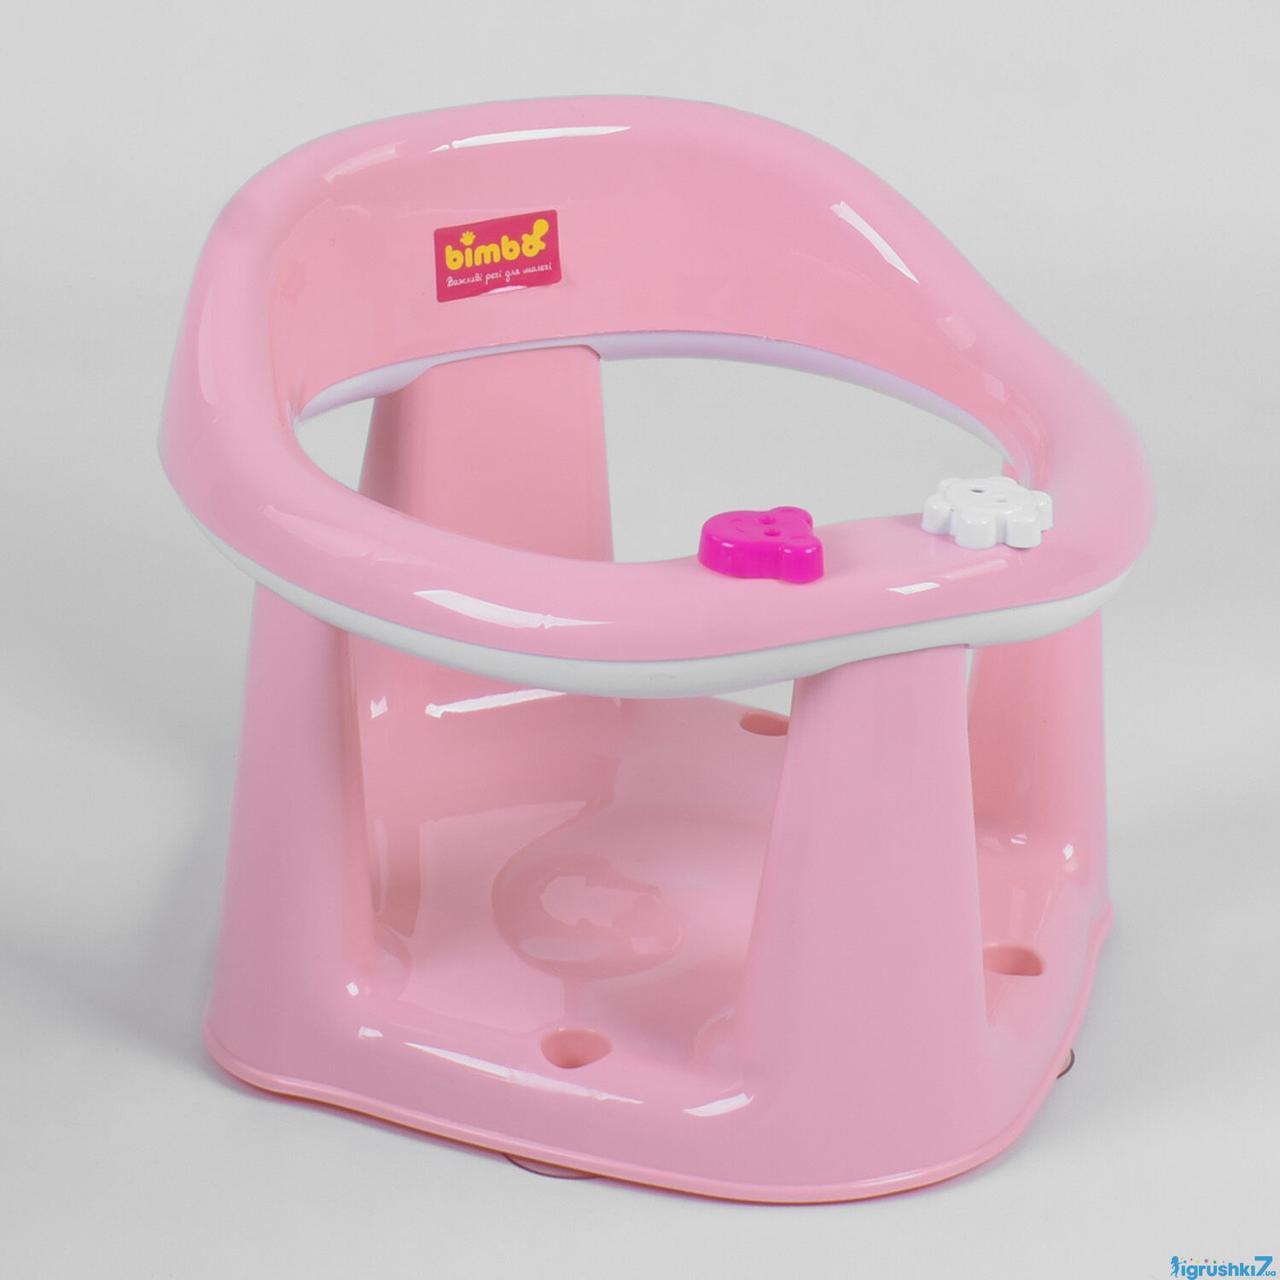 Детское сиденье для купания на присосках BM-22305 PINK-LIGHT (игр7)